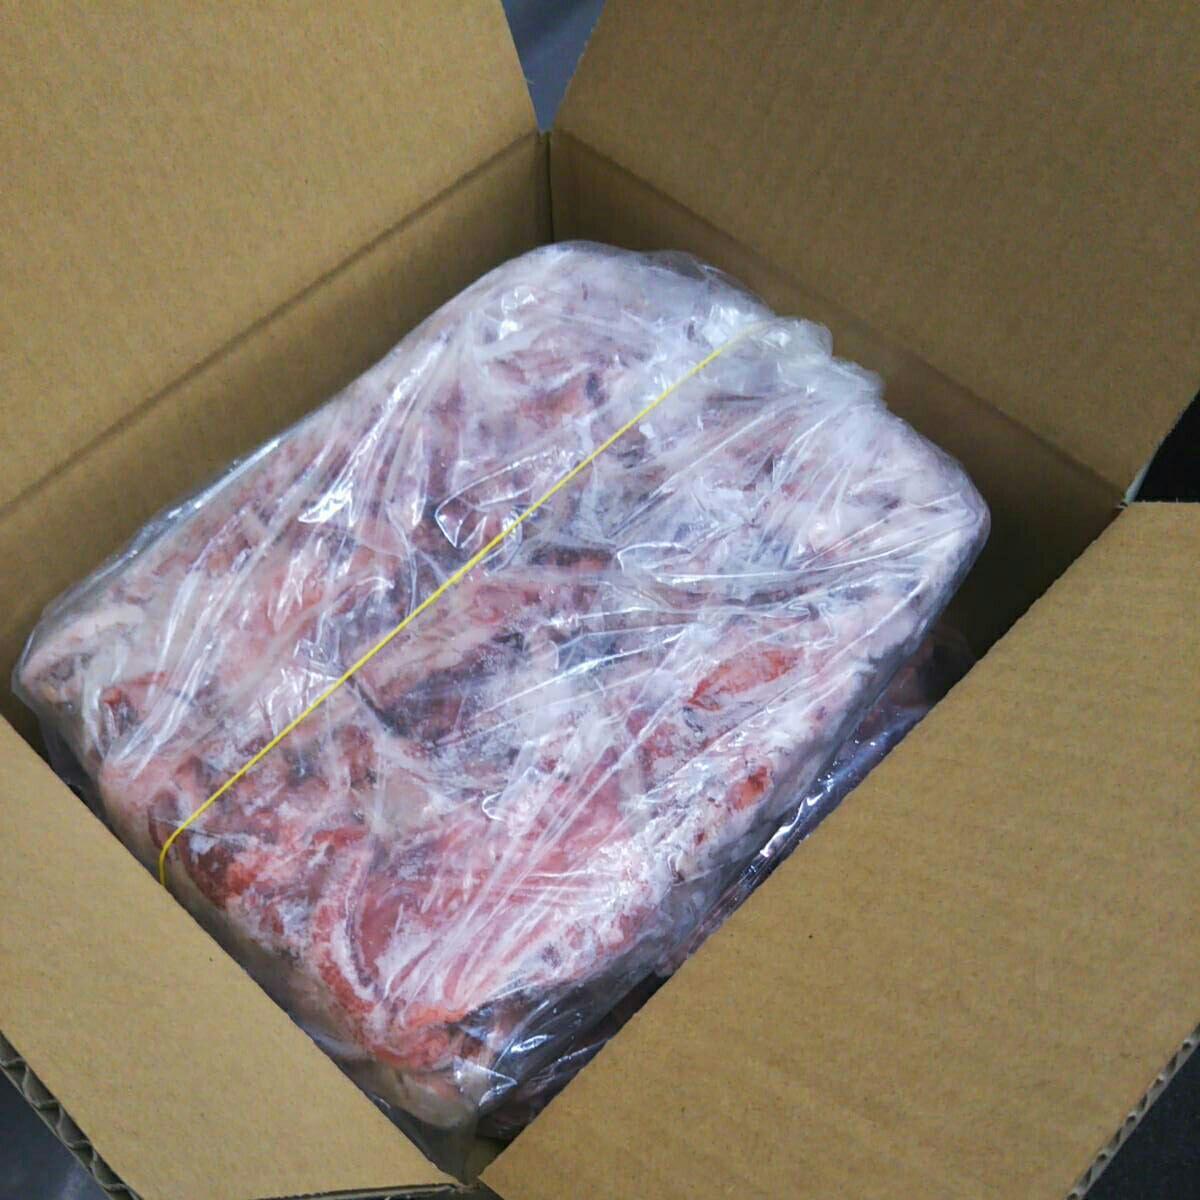 1円スタート 在庫SALE 冷凍牛すじ肉 2kg(1kg×2) たんぱく質 コラーゲン 訳あり デミグラス  煮込み 11_画像2